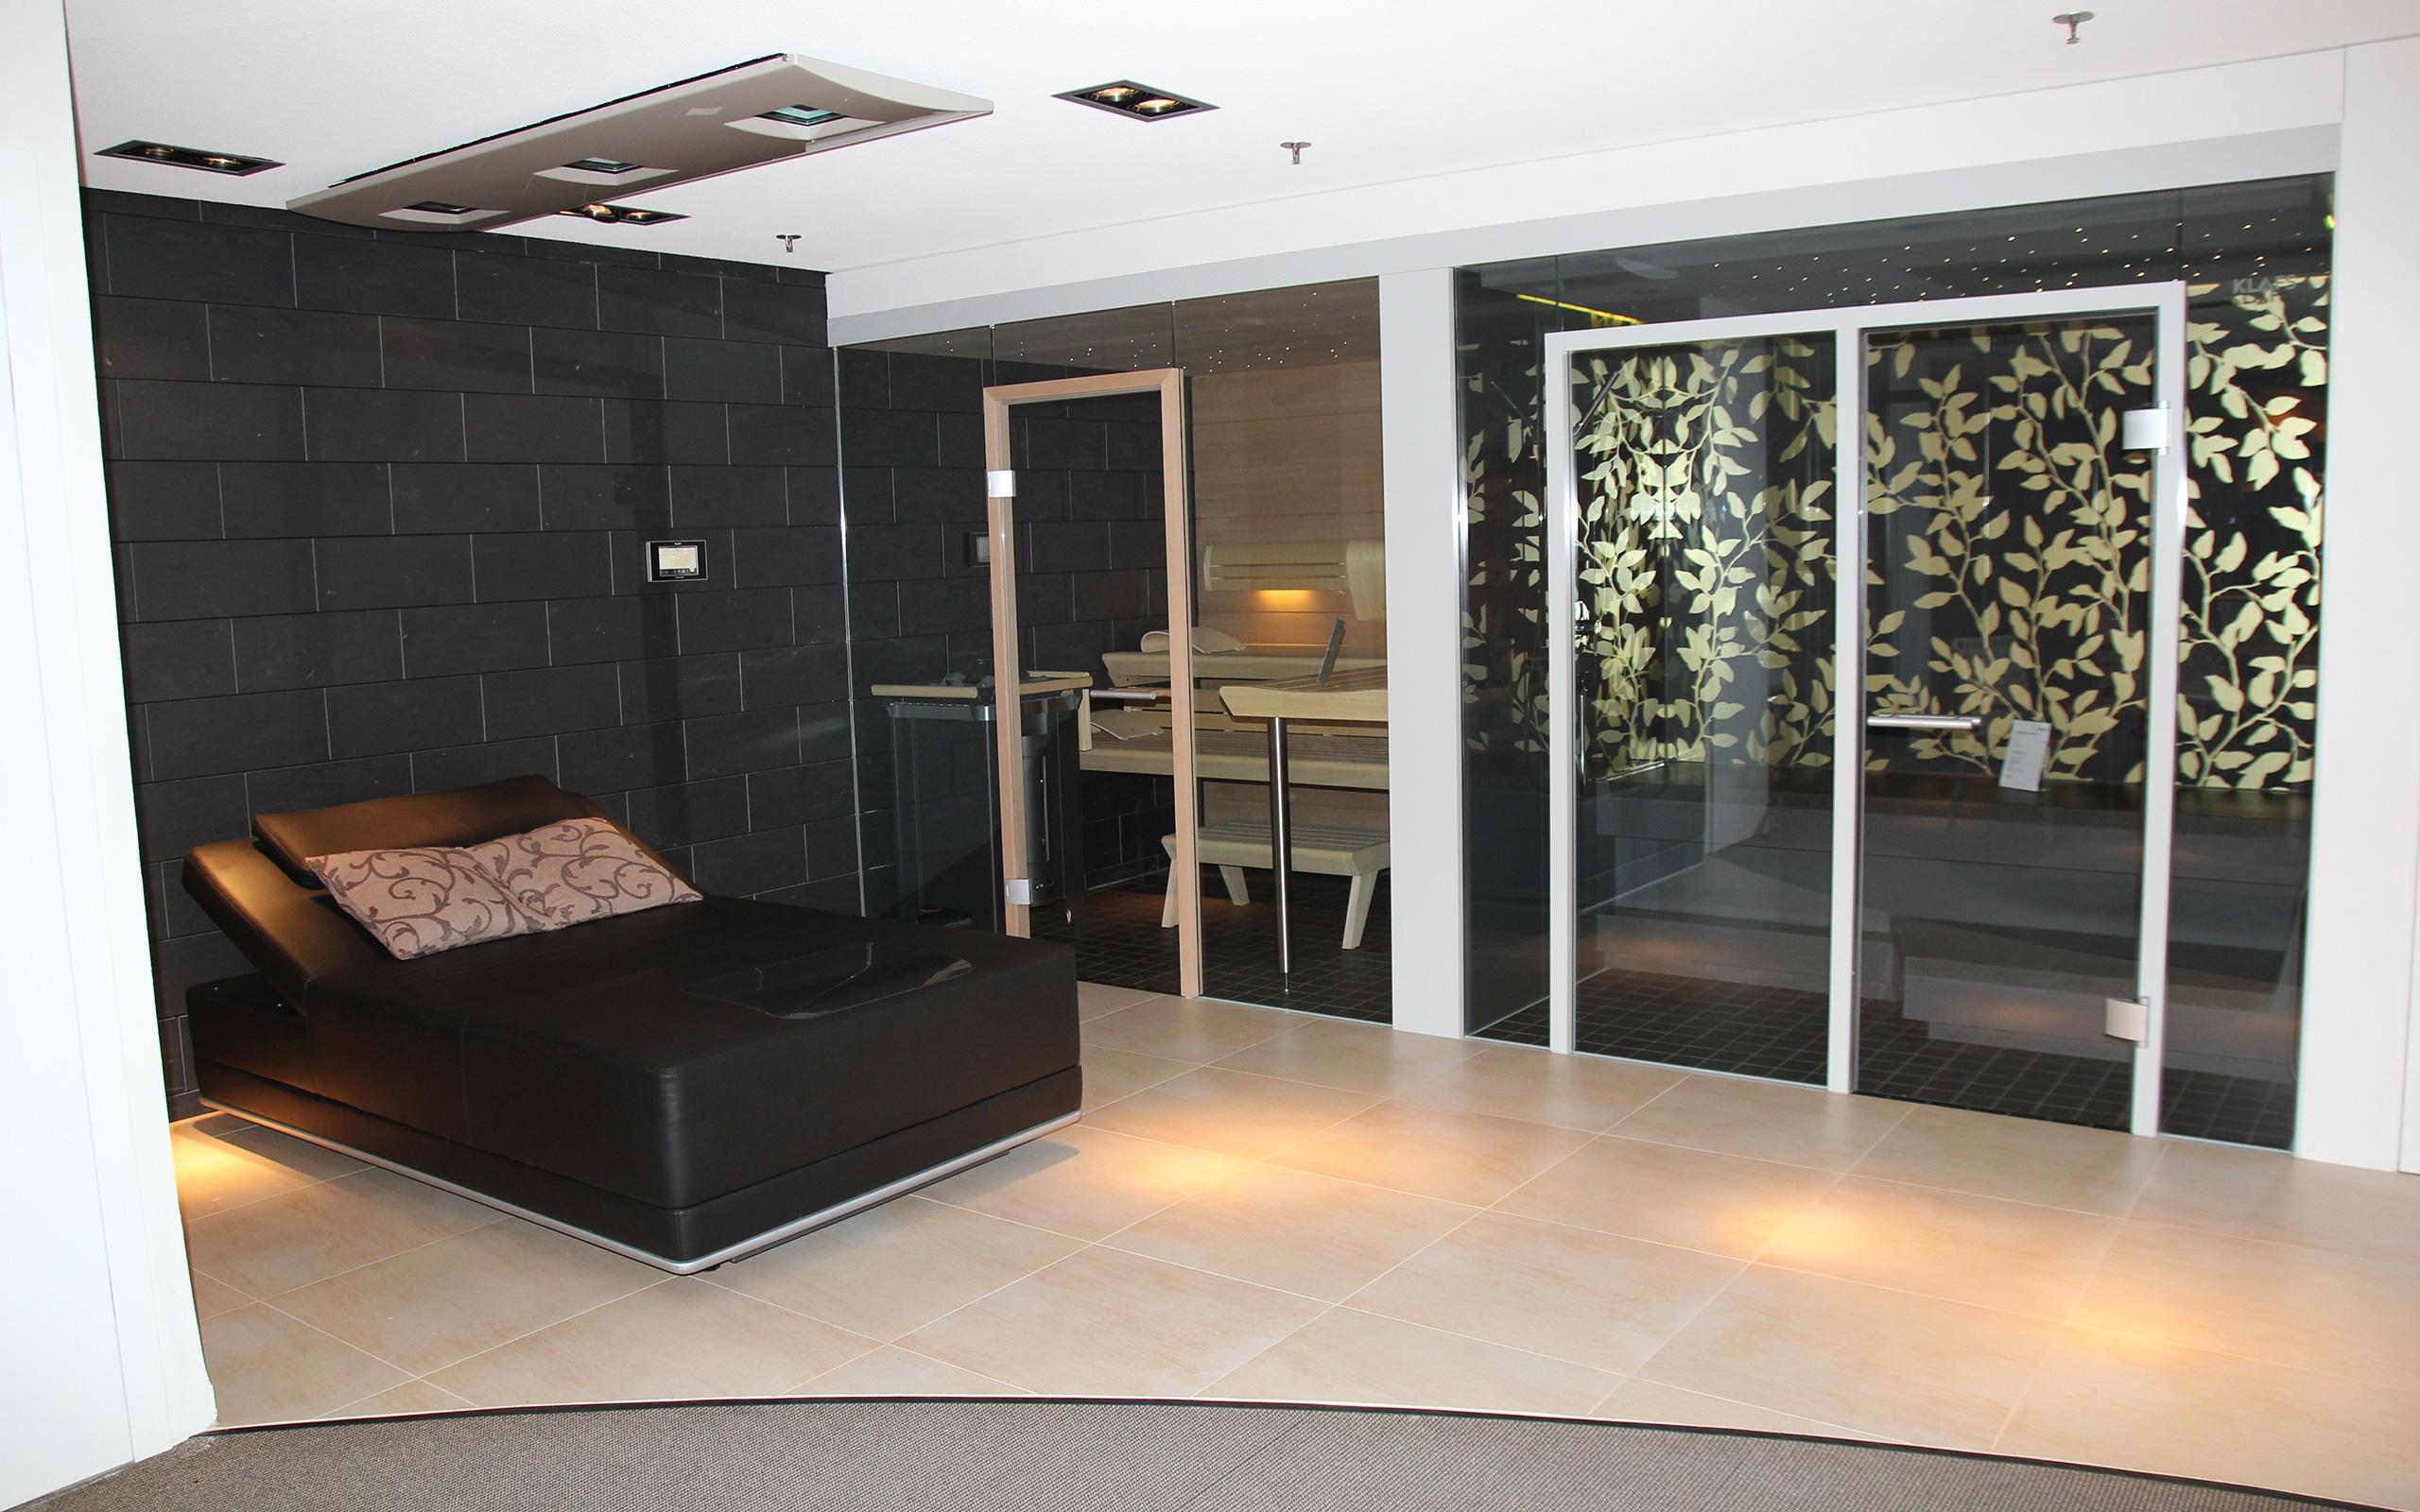 schwimmbad und pool ausstellung in schw bisch hall ssf pools. Black Bedroom Furniture Sets. Home Design Ideas